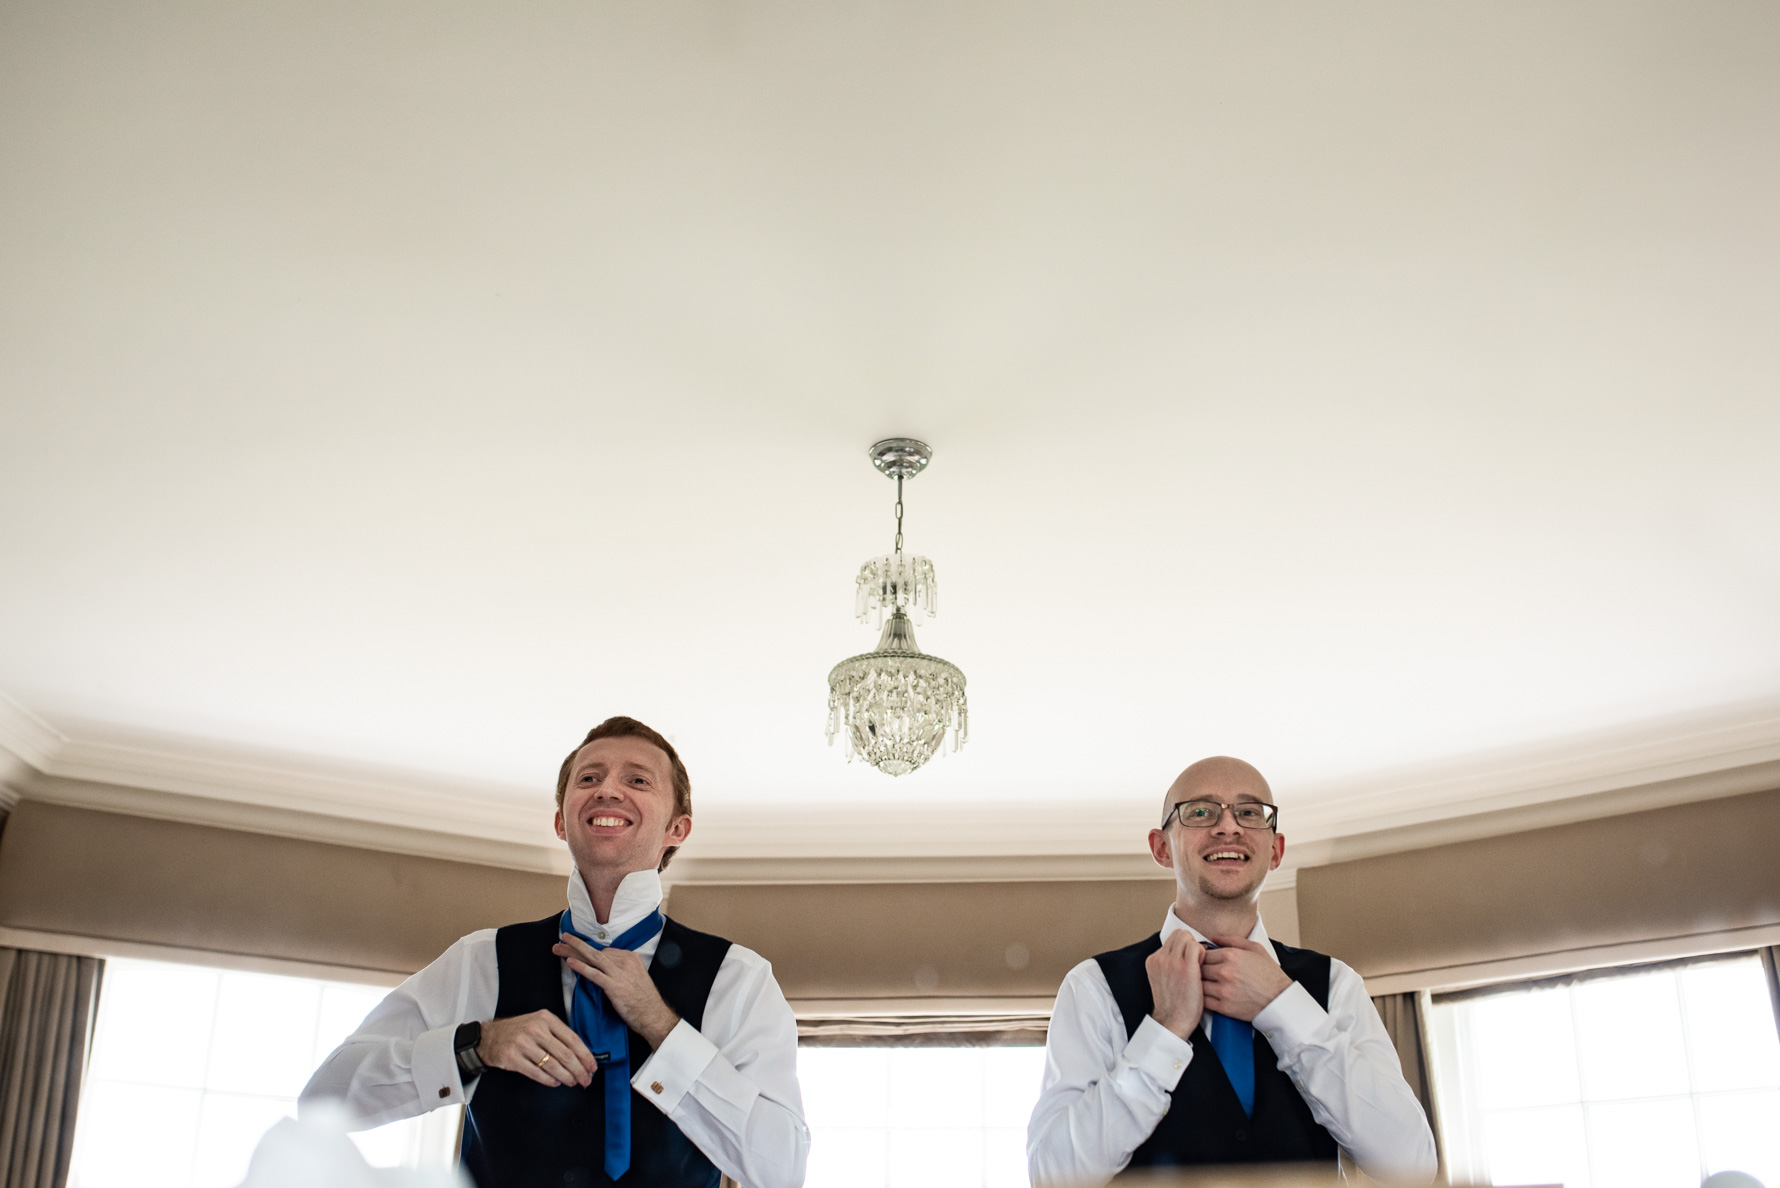 Groomsmen doing their ties